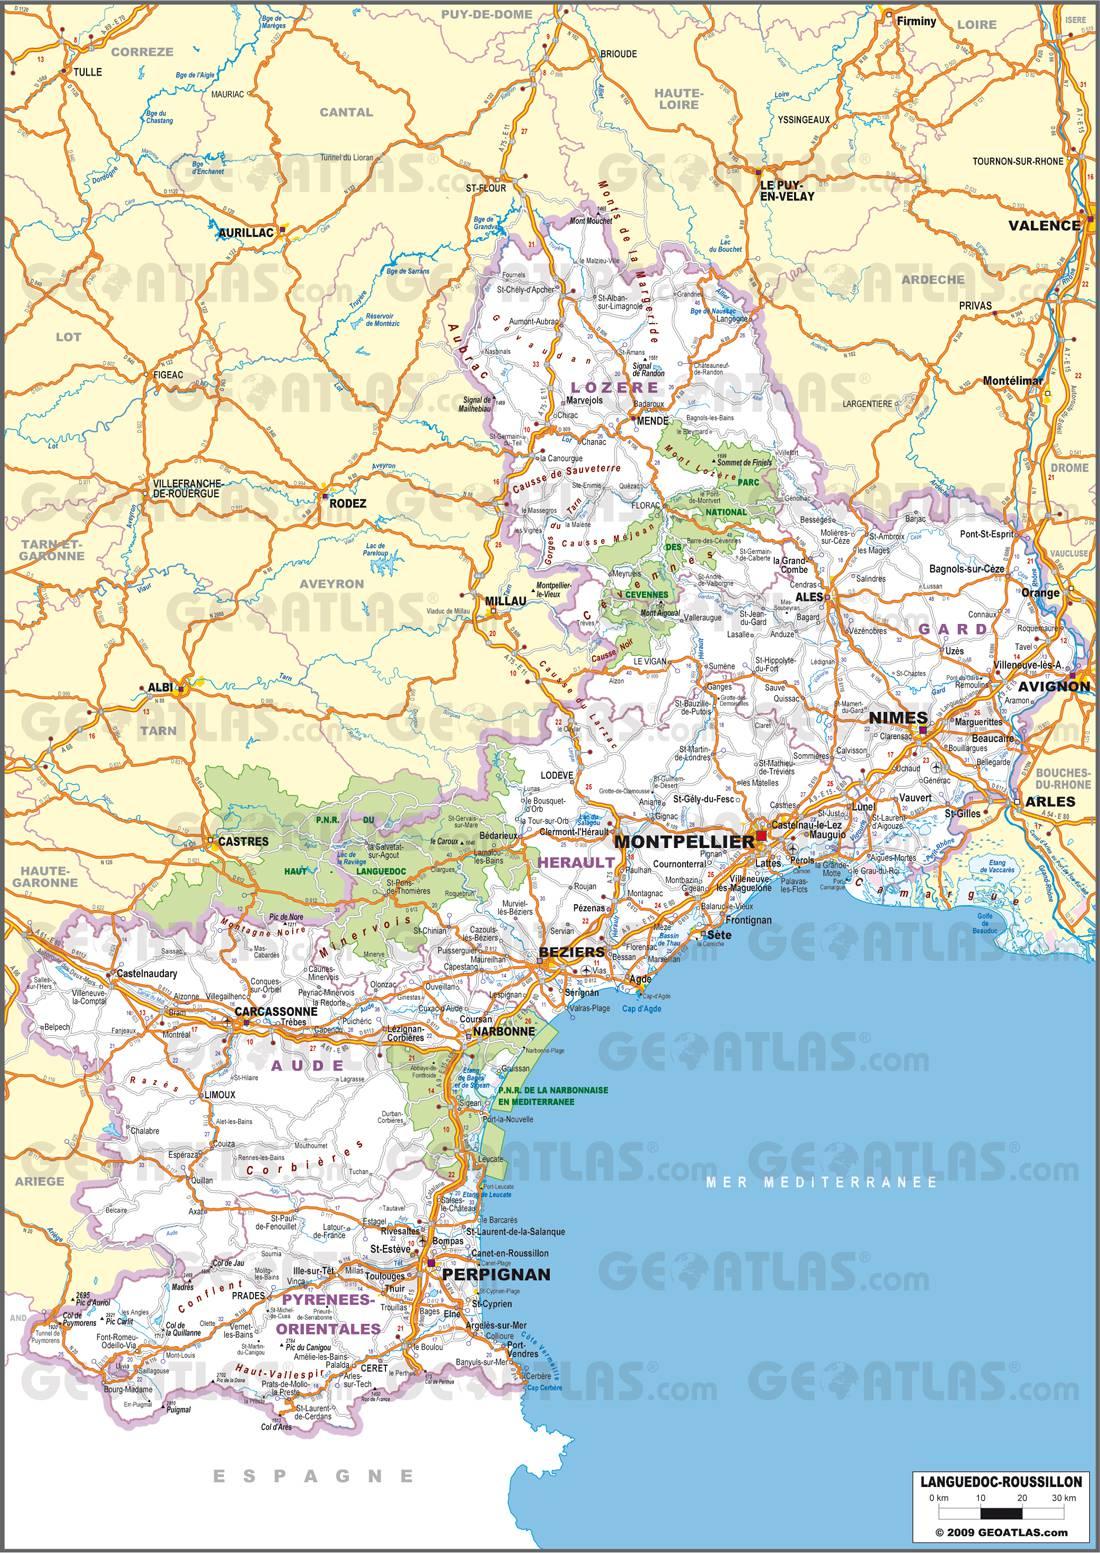 Carte Languedoc Roussillon.Carte Du Languedoc Roussillon Plusieurs Carte De La Region